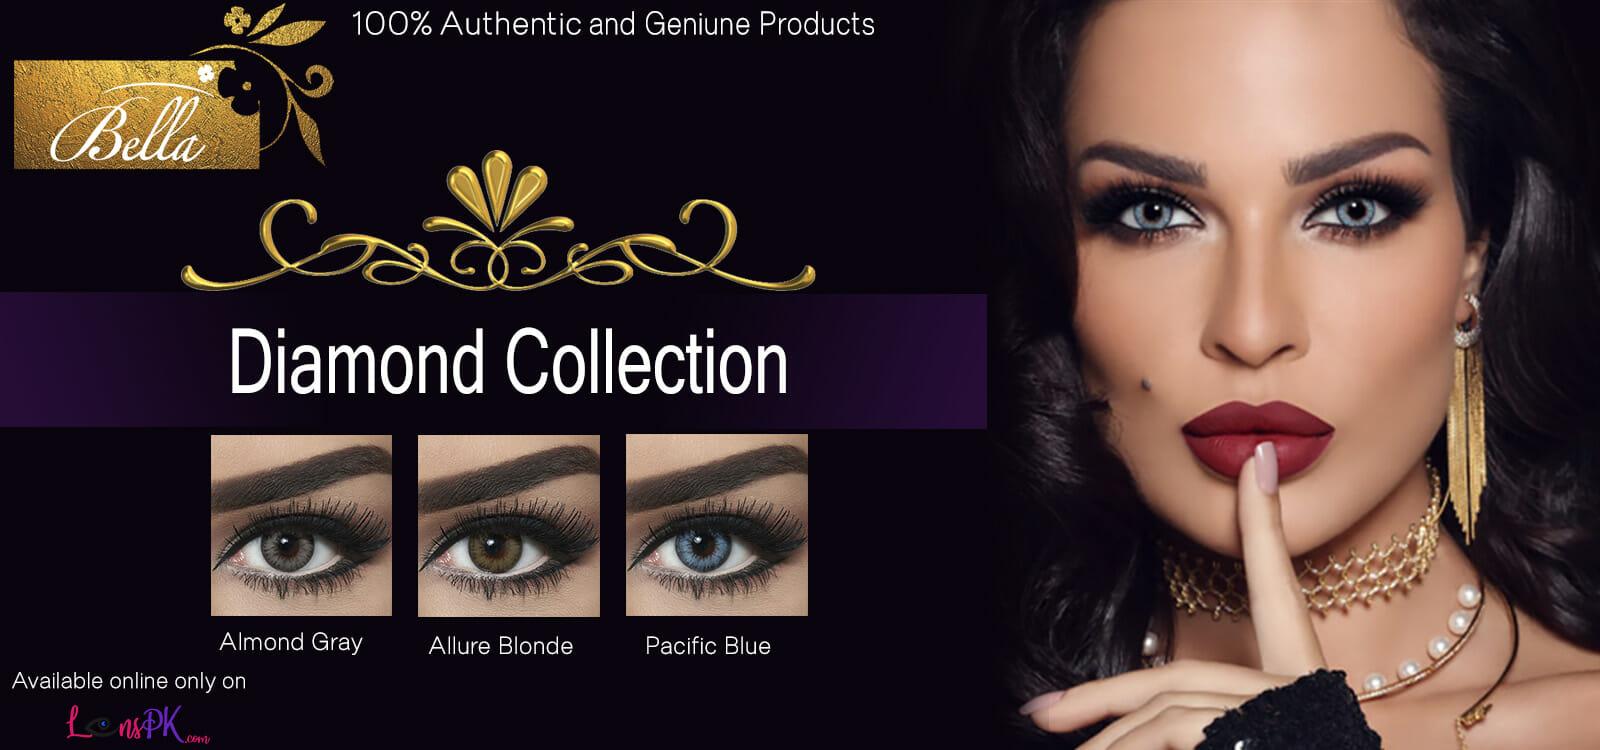 Buy Bella Contact Lenses - Diamond Collection - lenspk.com